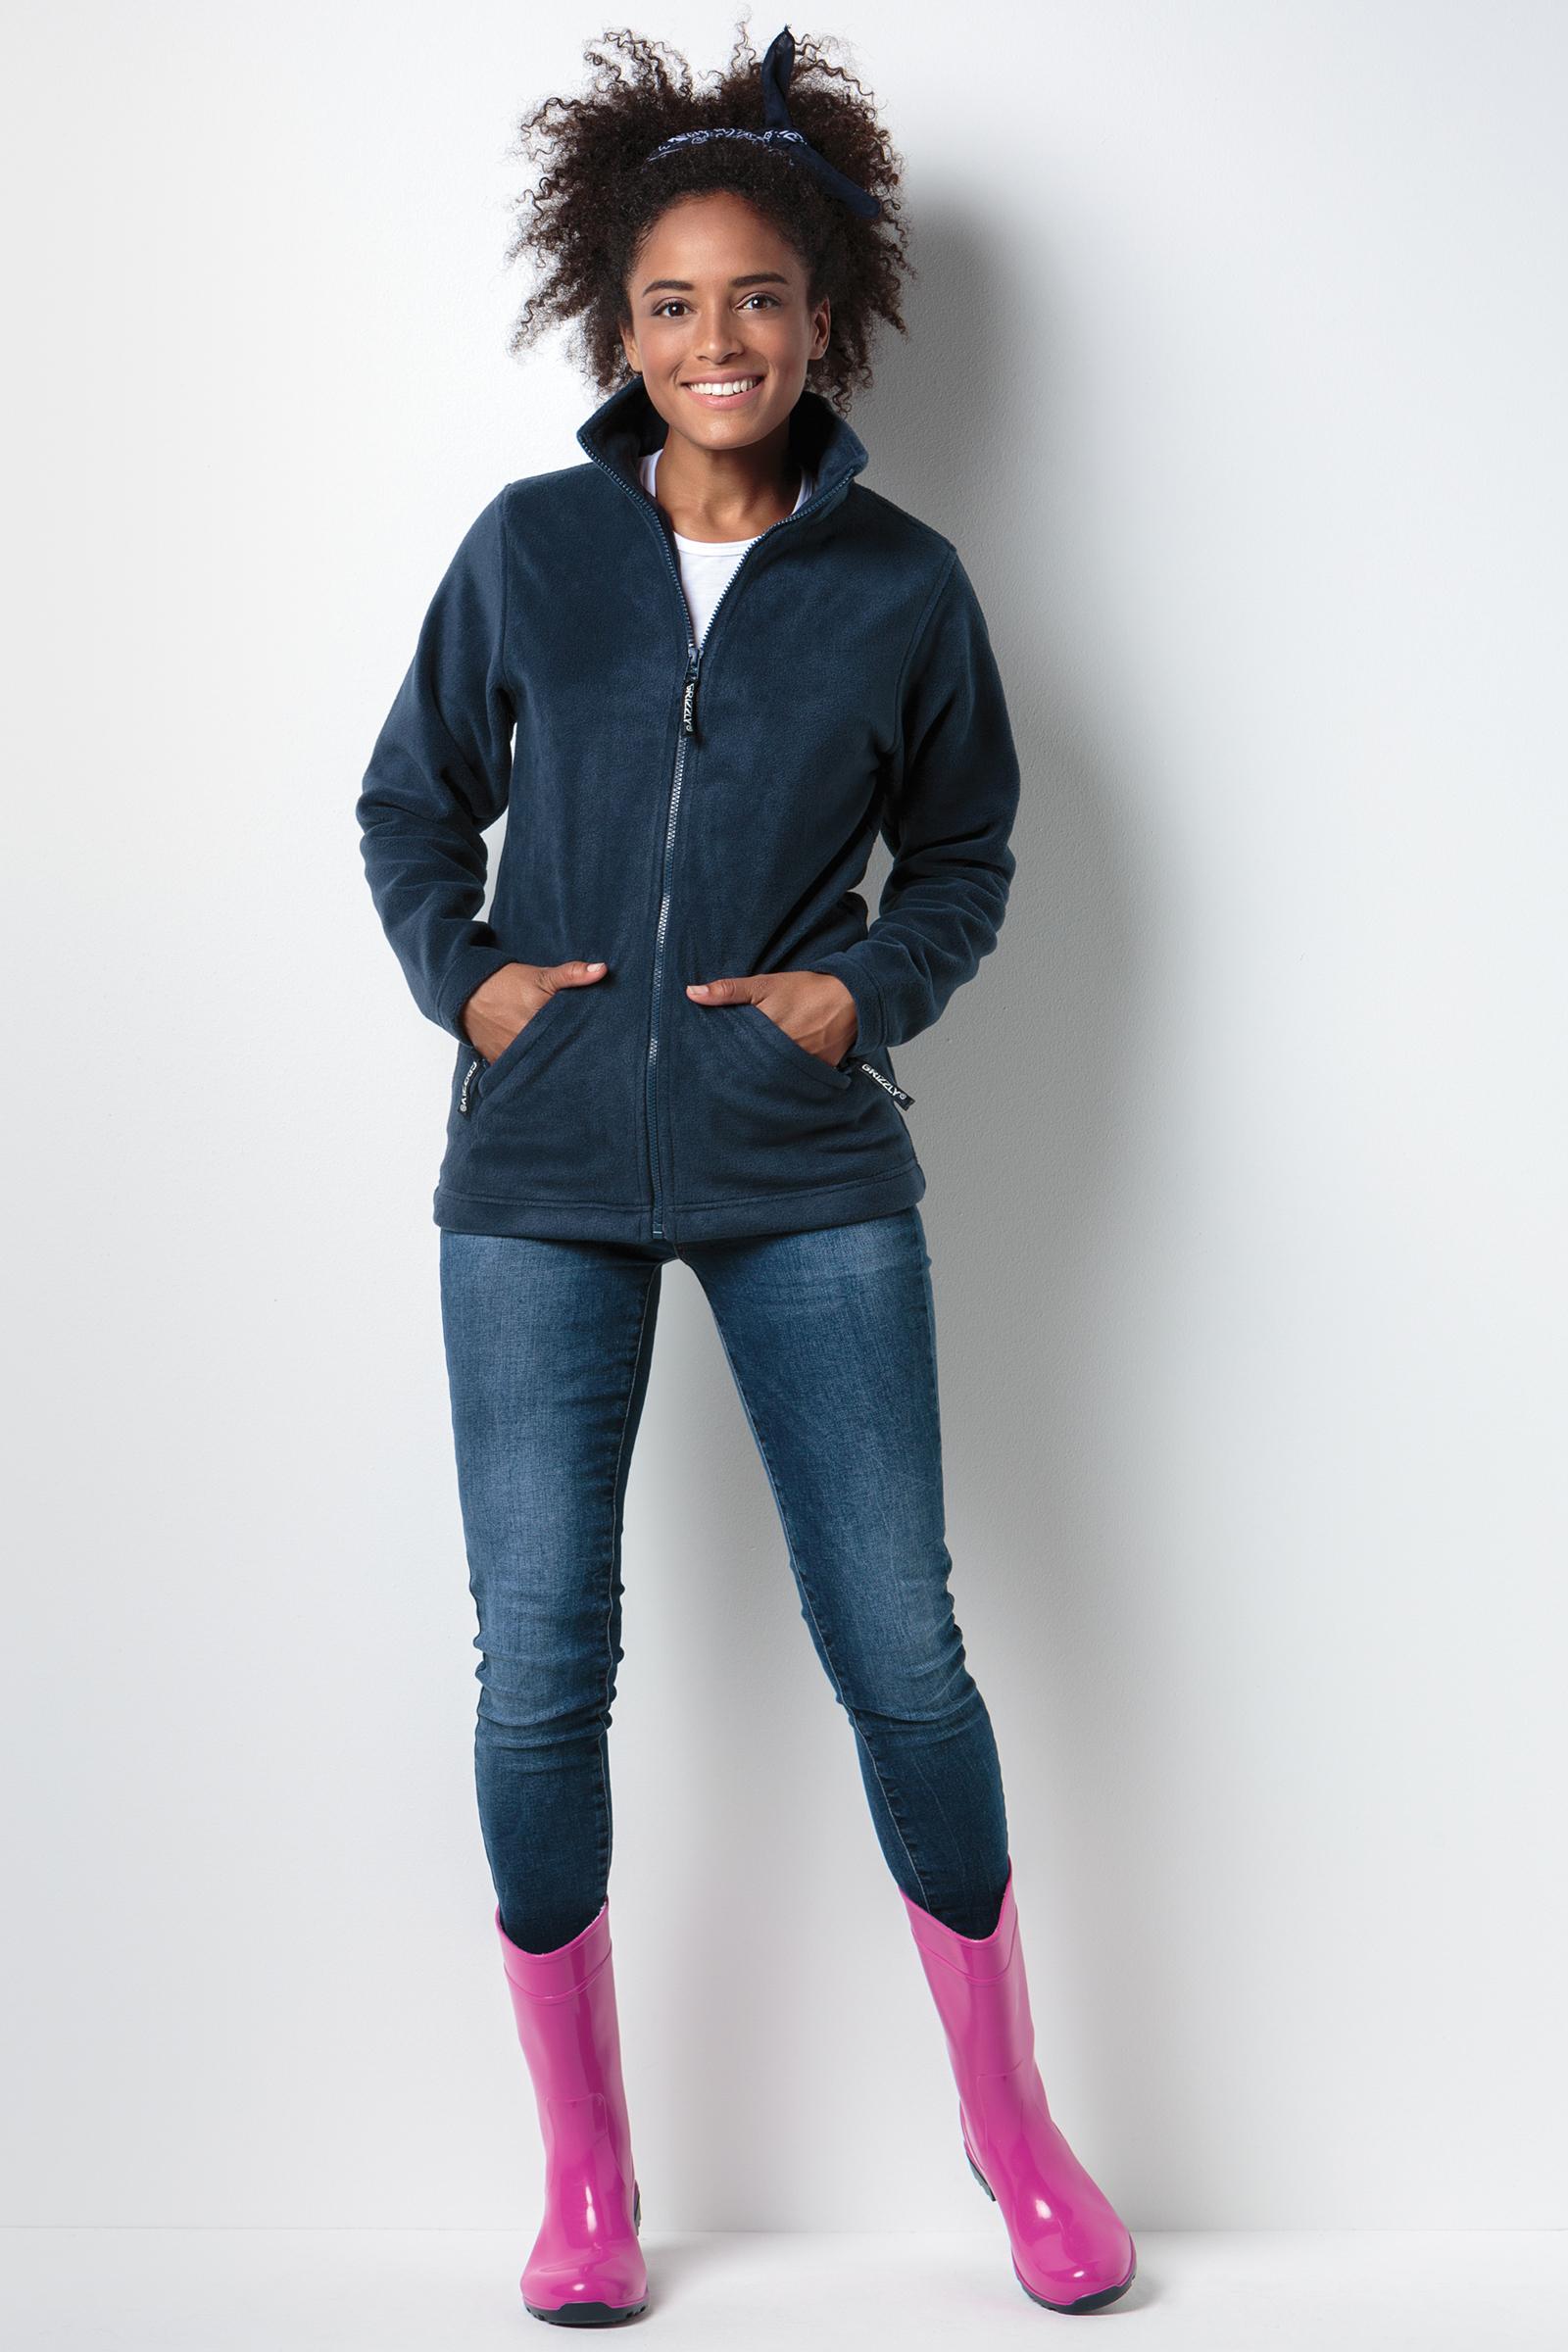 Kk904 Women S Full Zip Active Fleece Kustom Kit